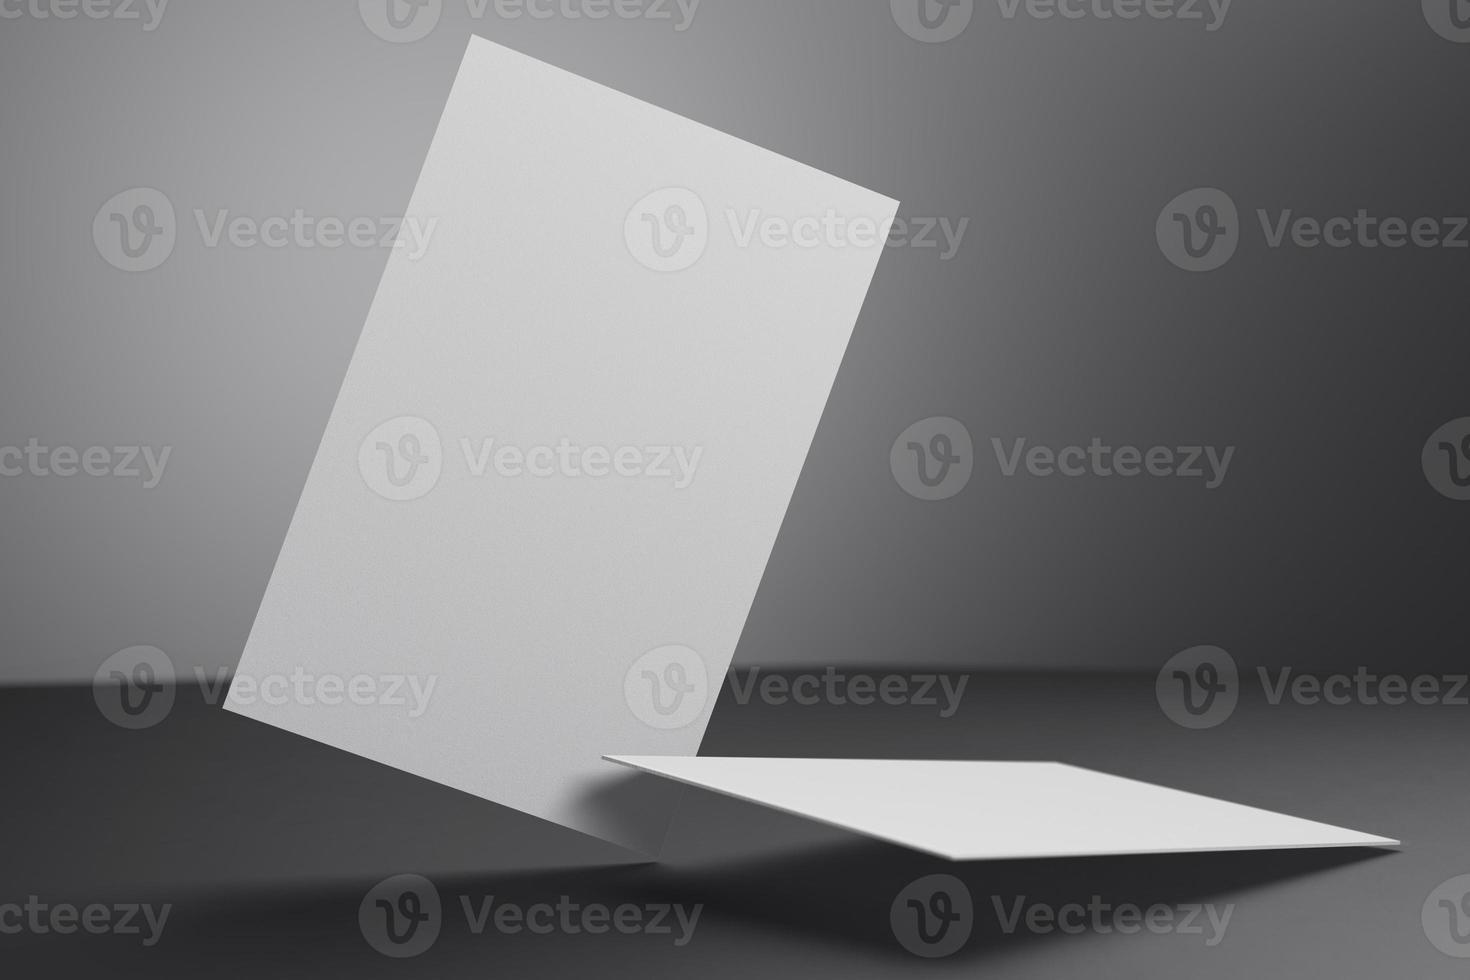 vit vertikal visitkort papper mockup mall med tomt utrymme lock för infoga företagets logotyp eller personlig identitet på svart kartong bakgrund. modernt koncept. 3d illustration render foto